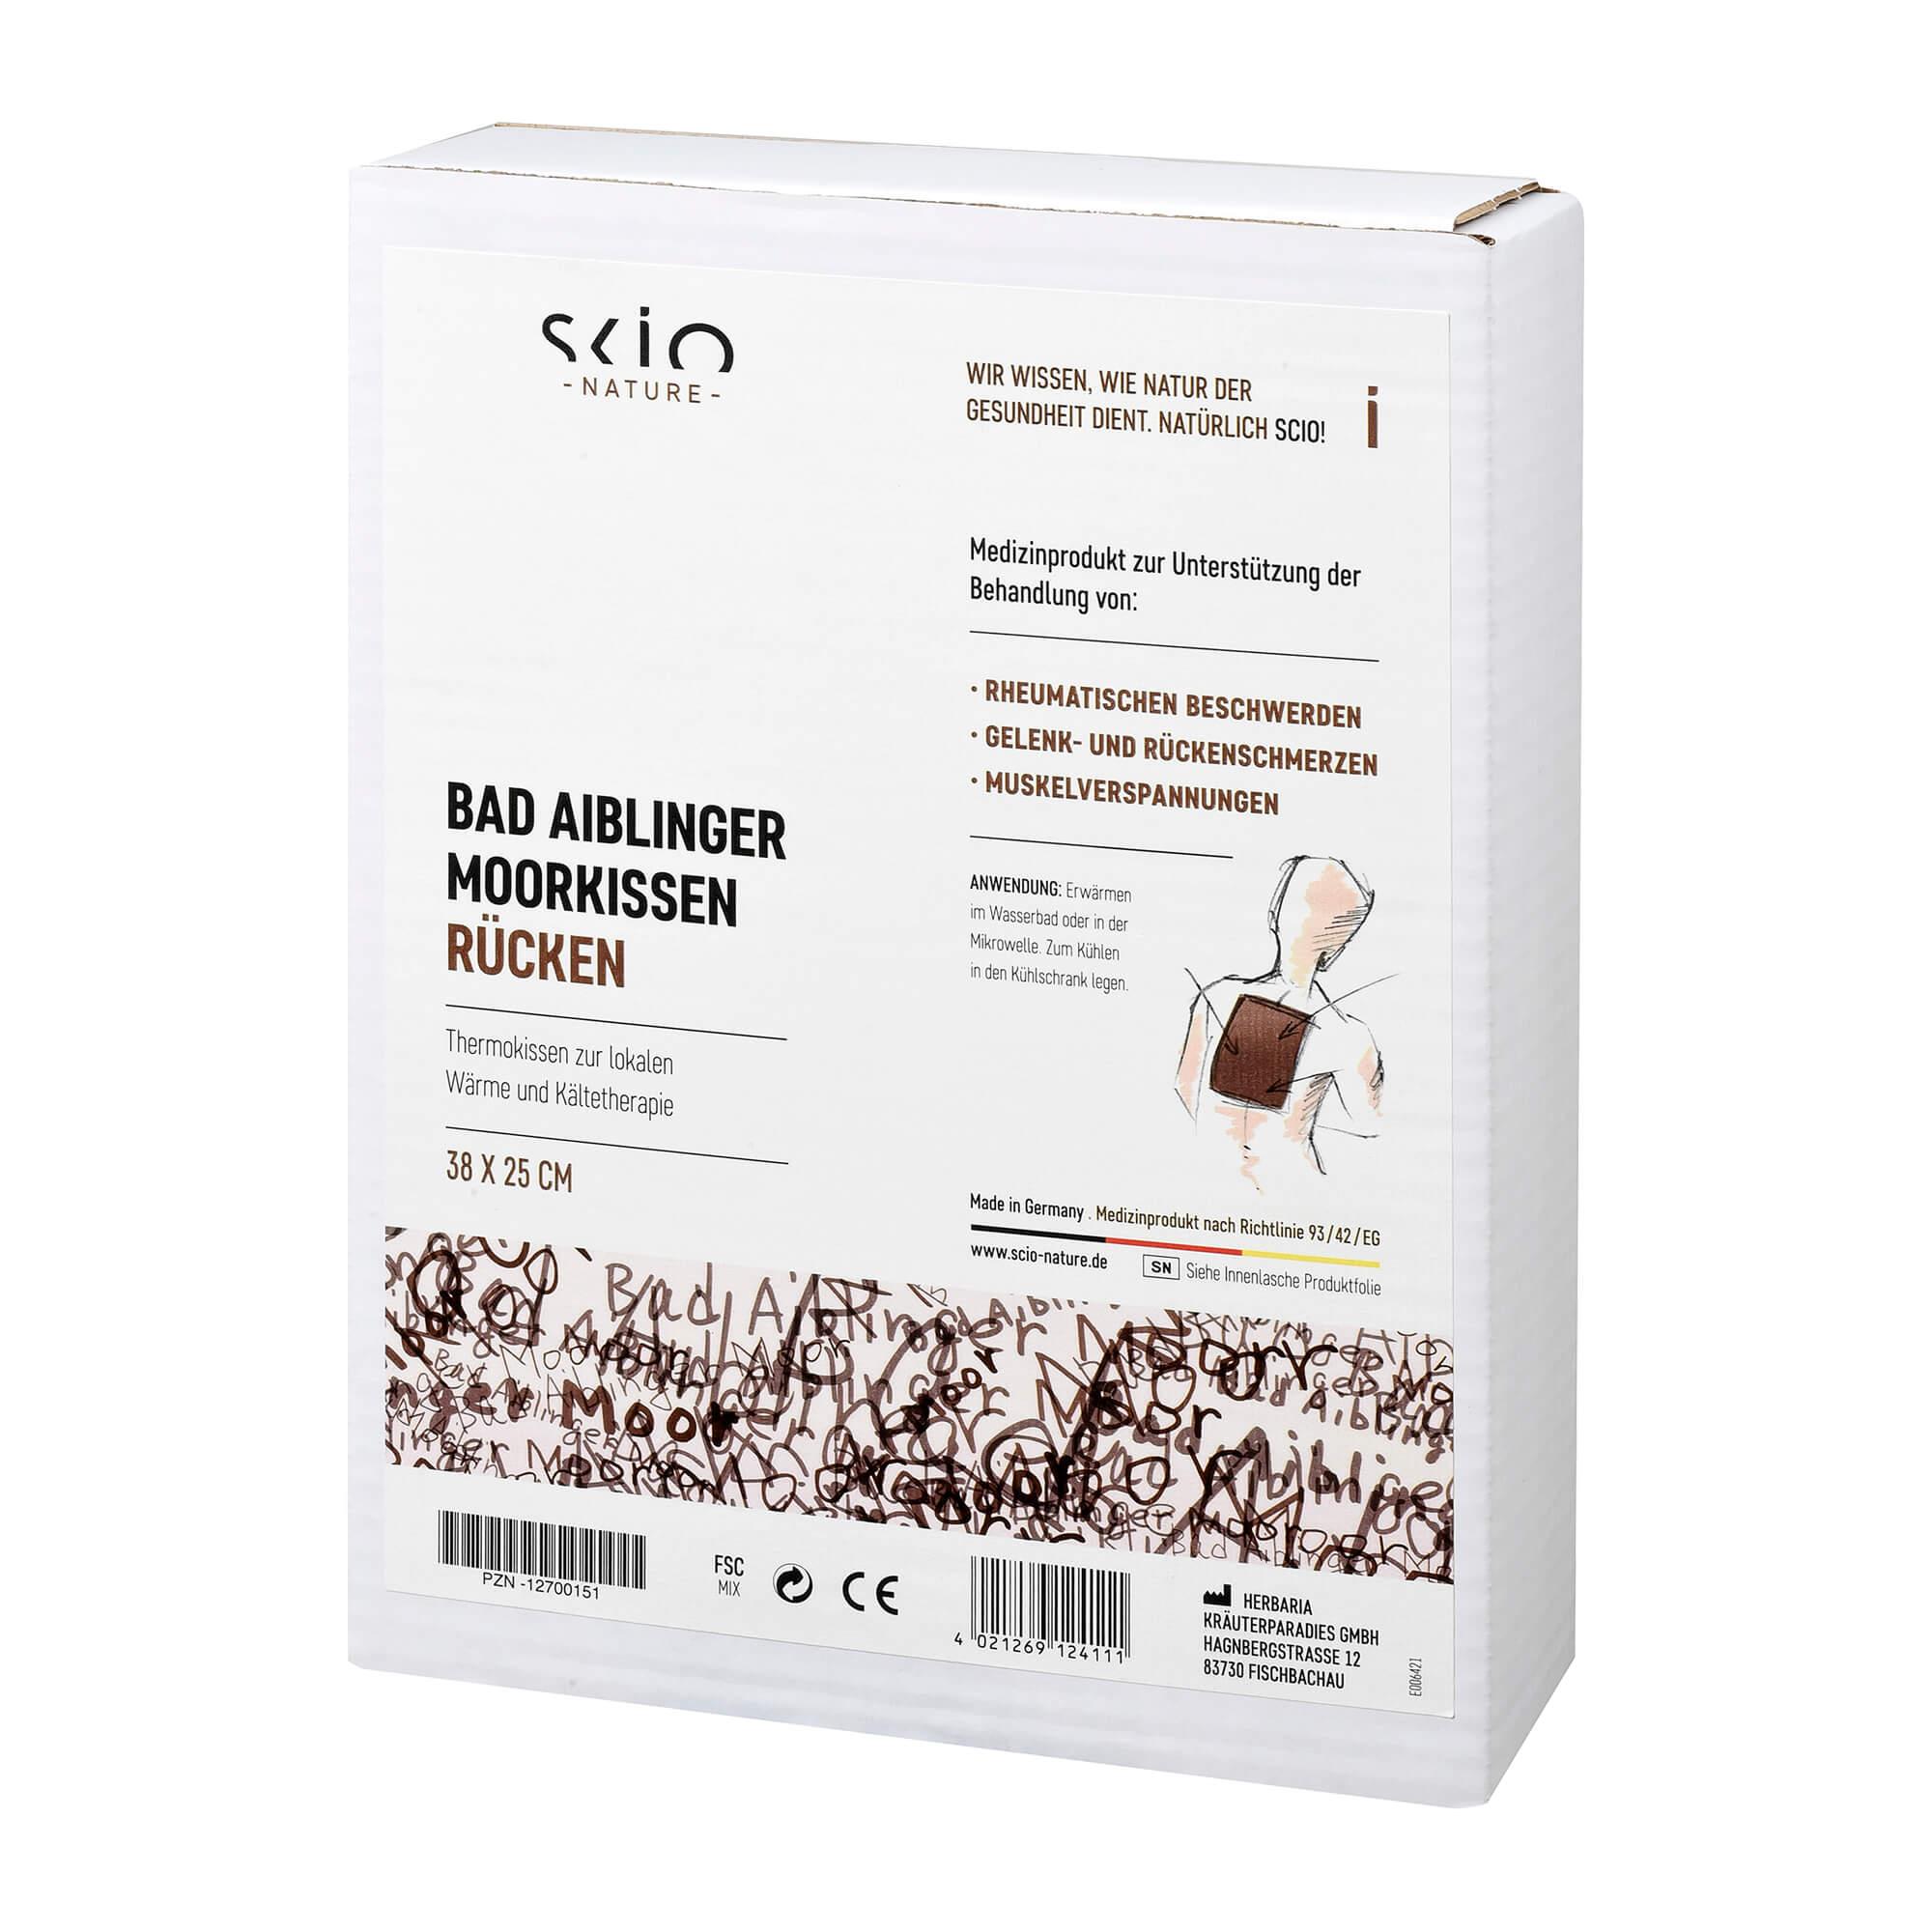 Moorkissen Bad Aiblinger Rücken 25 x 38 cm